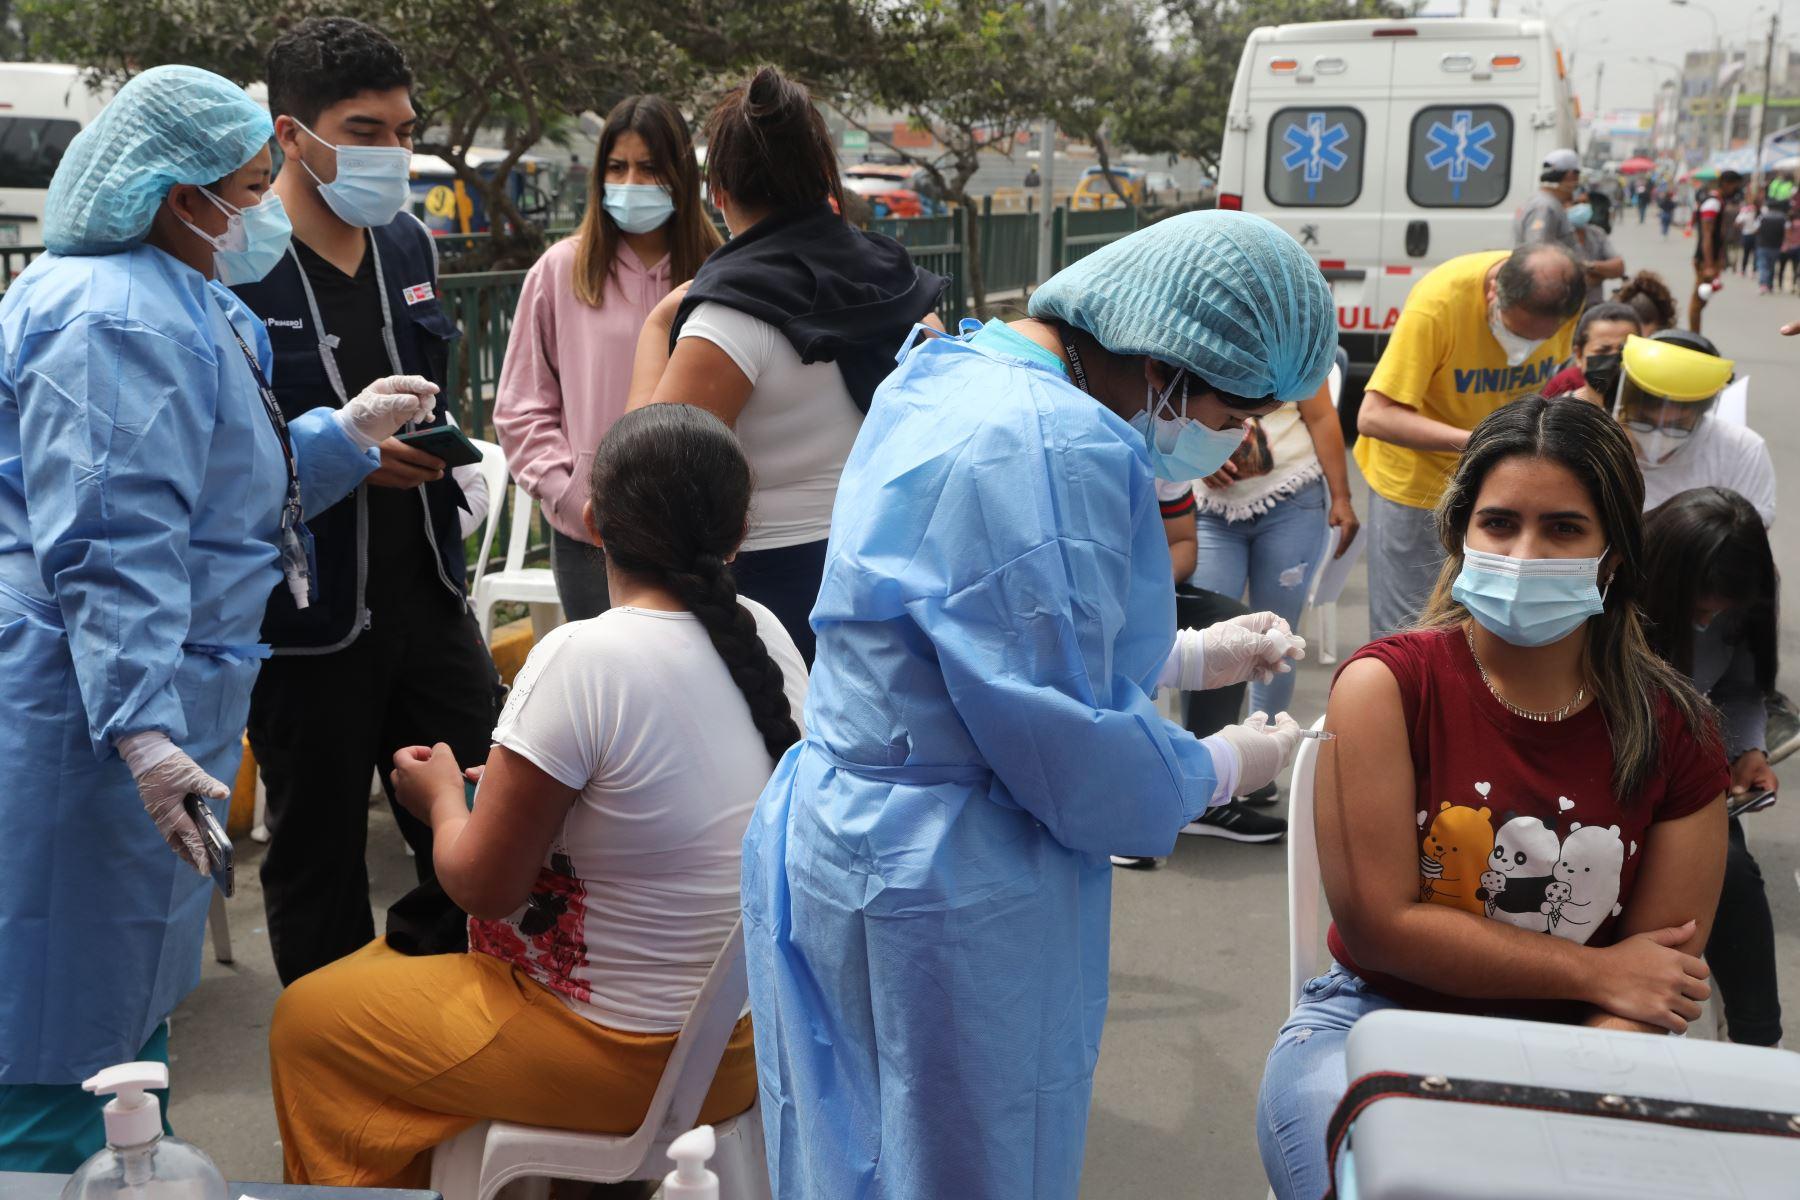 Vacunación contra covid-19: Perú supera los 29 millones de dosis aplicadas